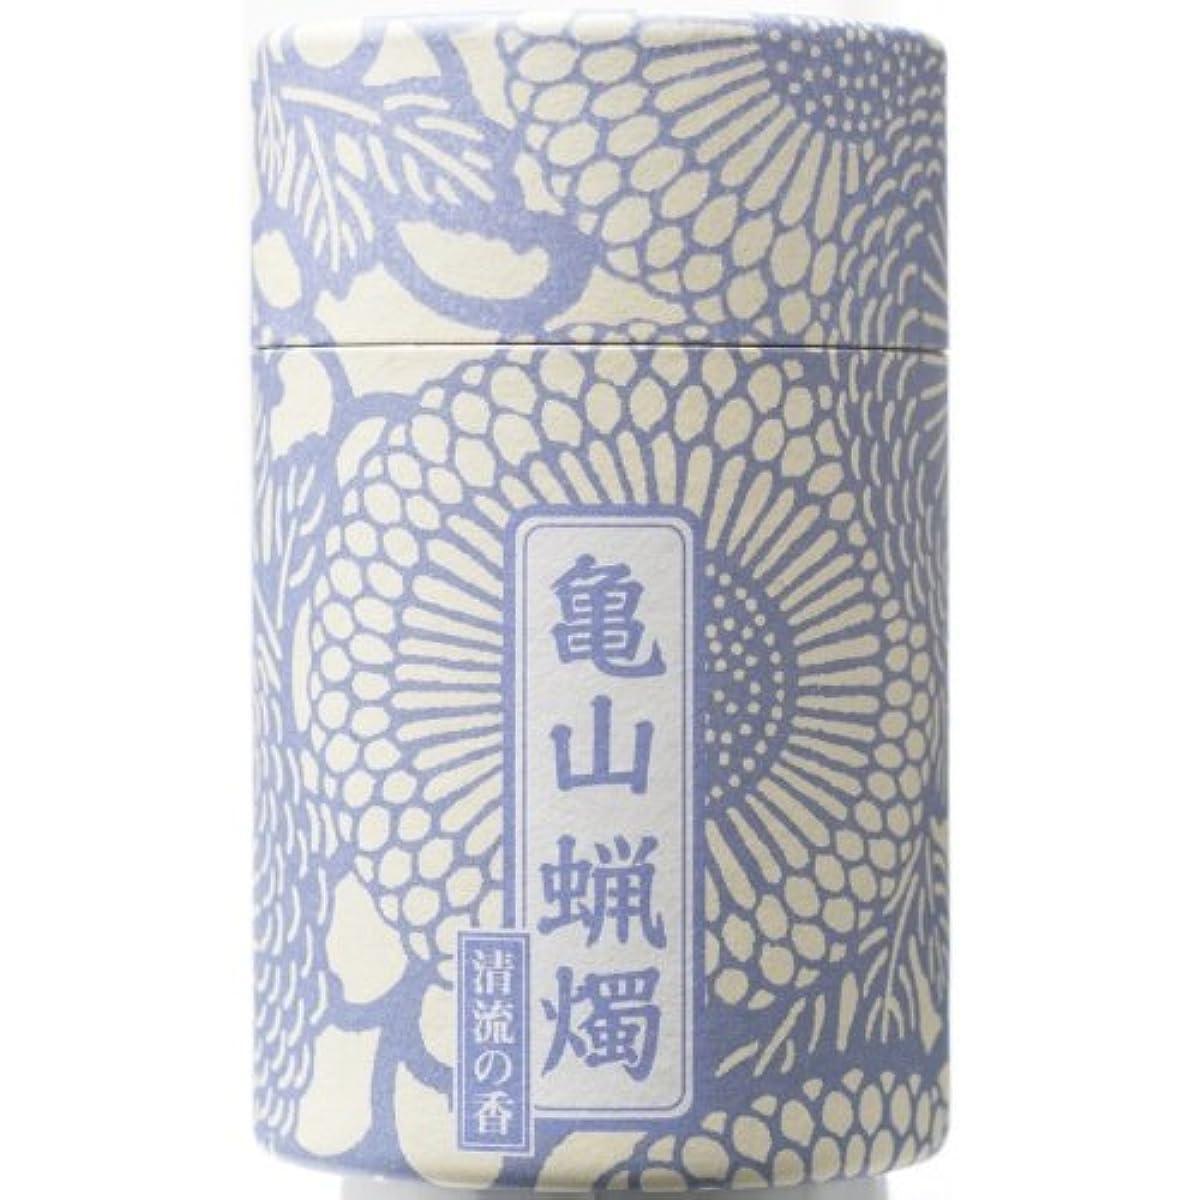 インフレーショントチの実の木マリナー和遊 10分蝋燭(清流の香) 約116本